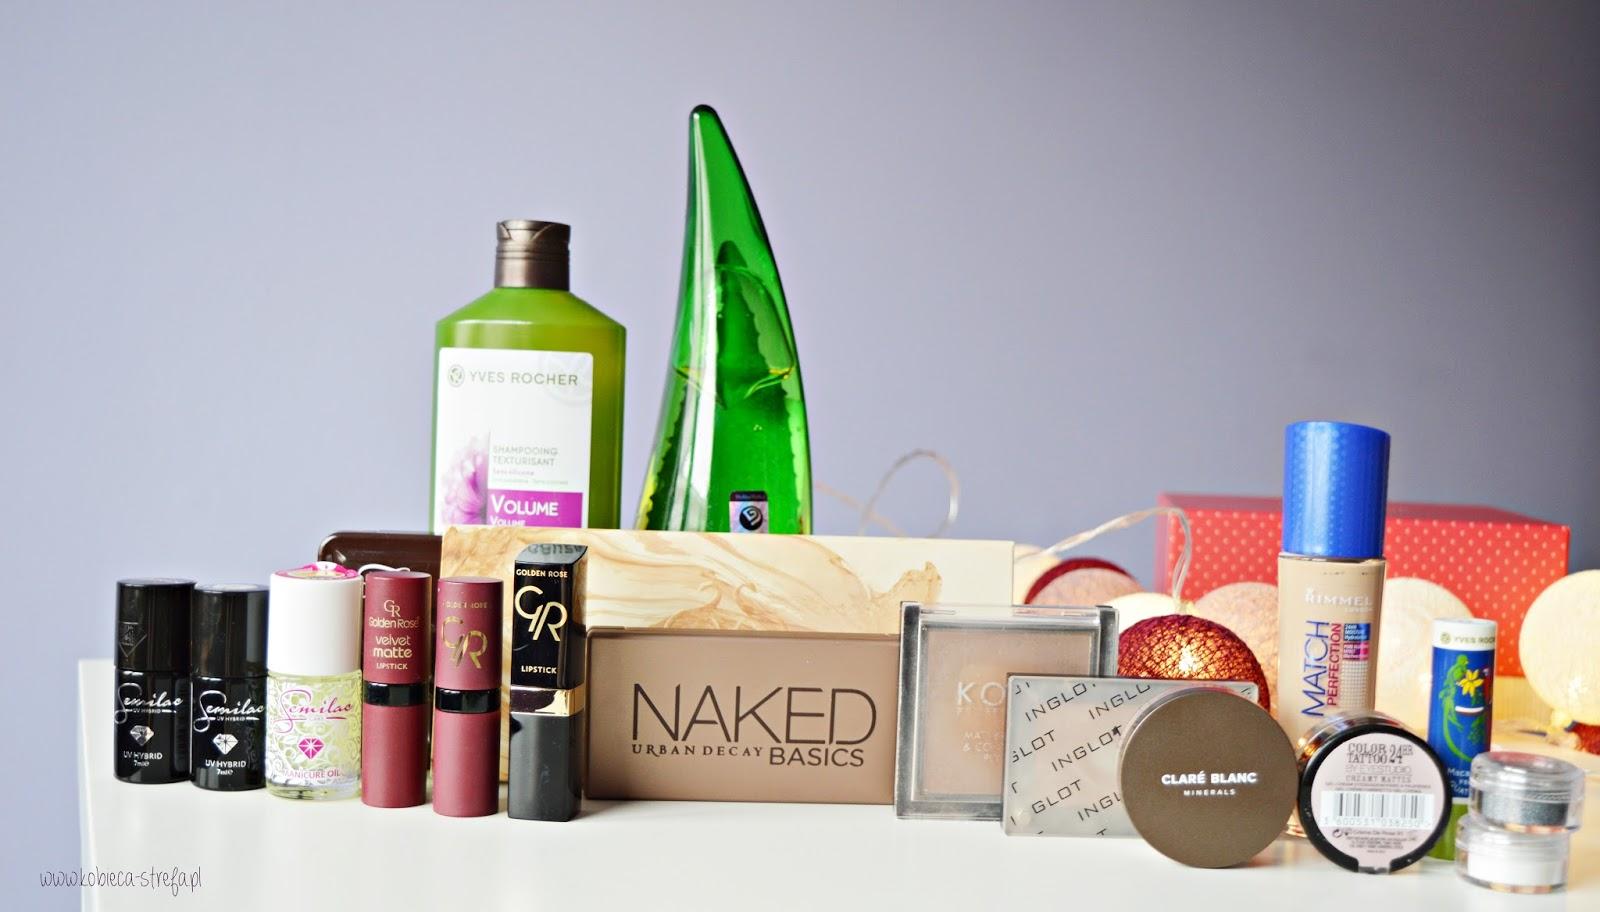 Hity kosmetyczne 2016 - Golden Rose, Semilac, Holika holika, Clare Blanc.